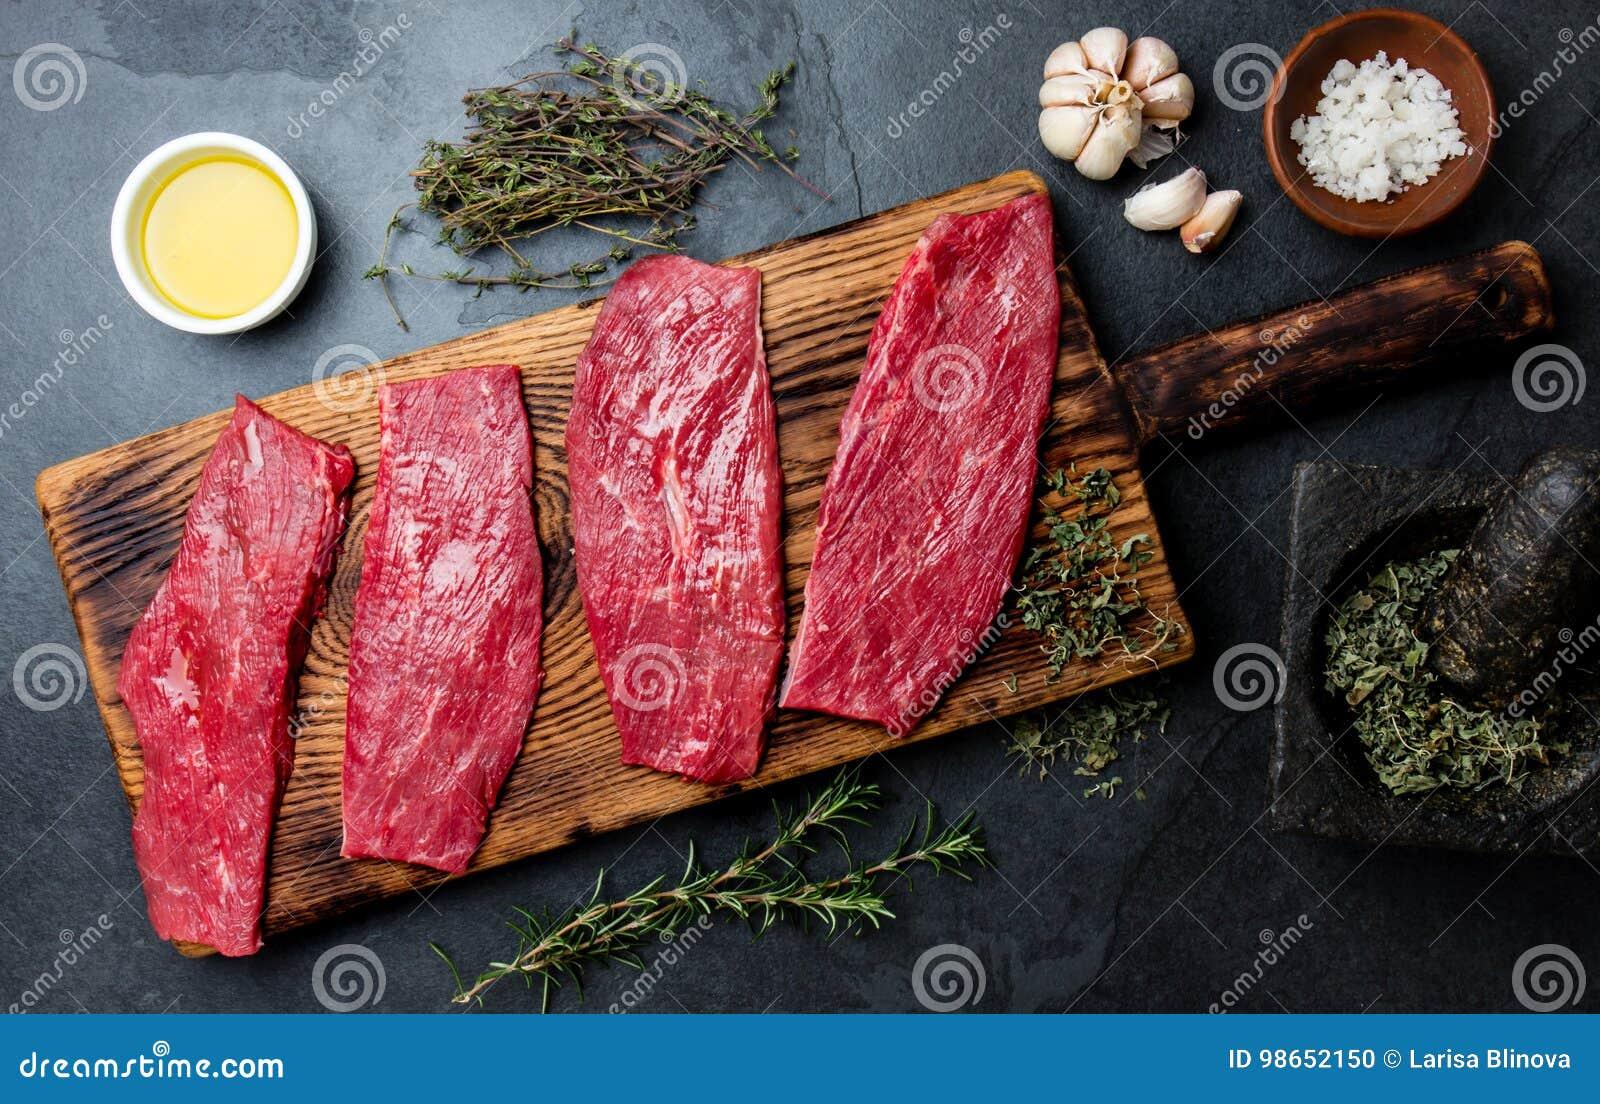 Bistecche di manzo fresche della carne cruda Filetto di manzo sul bordo di legno, spezie, erbe, olio sul fondo di gray di ardesia